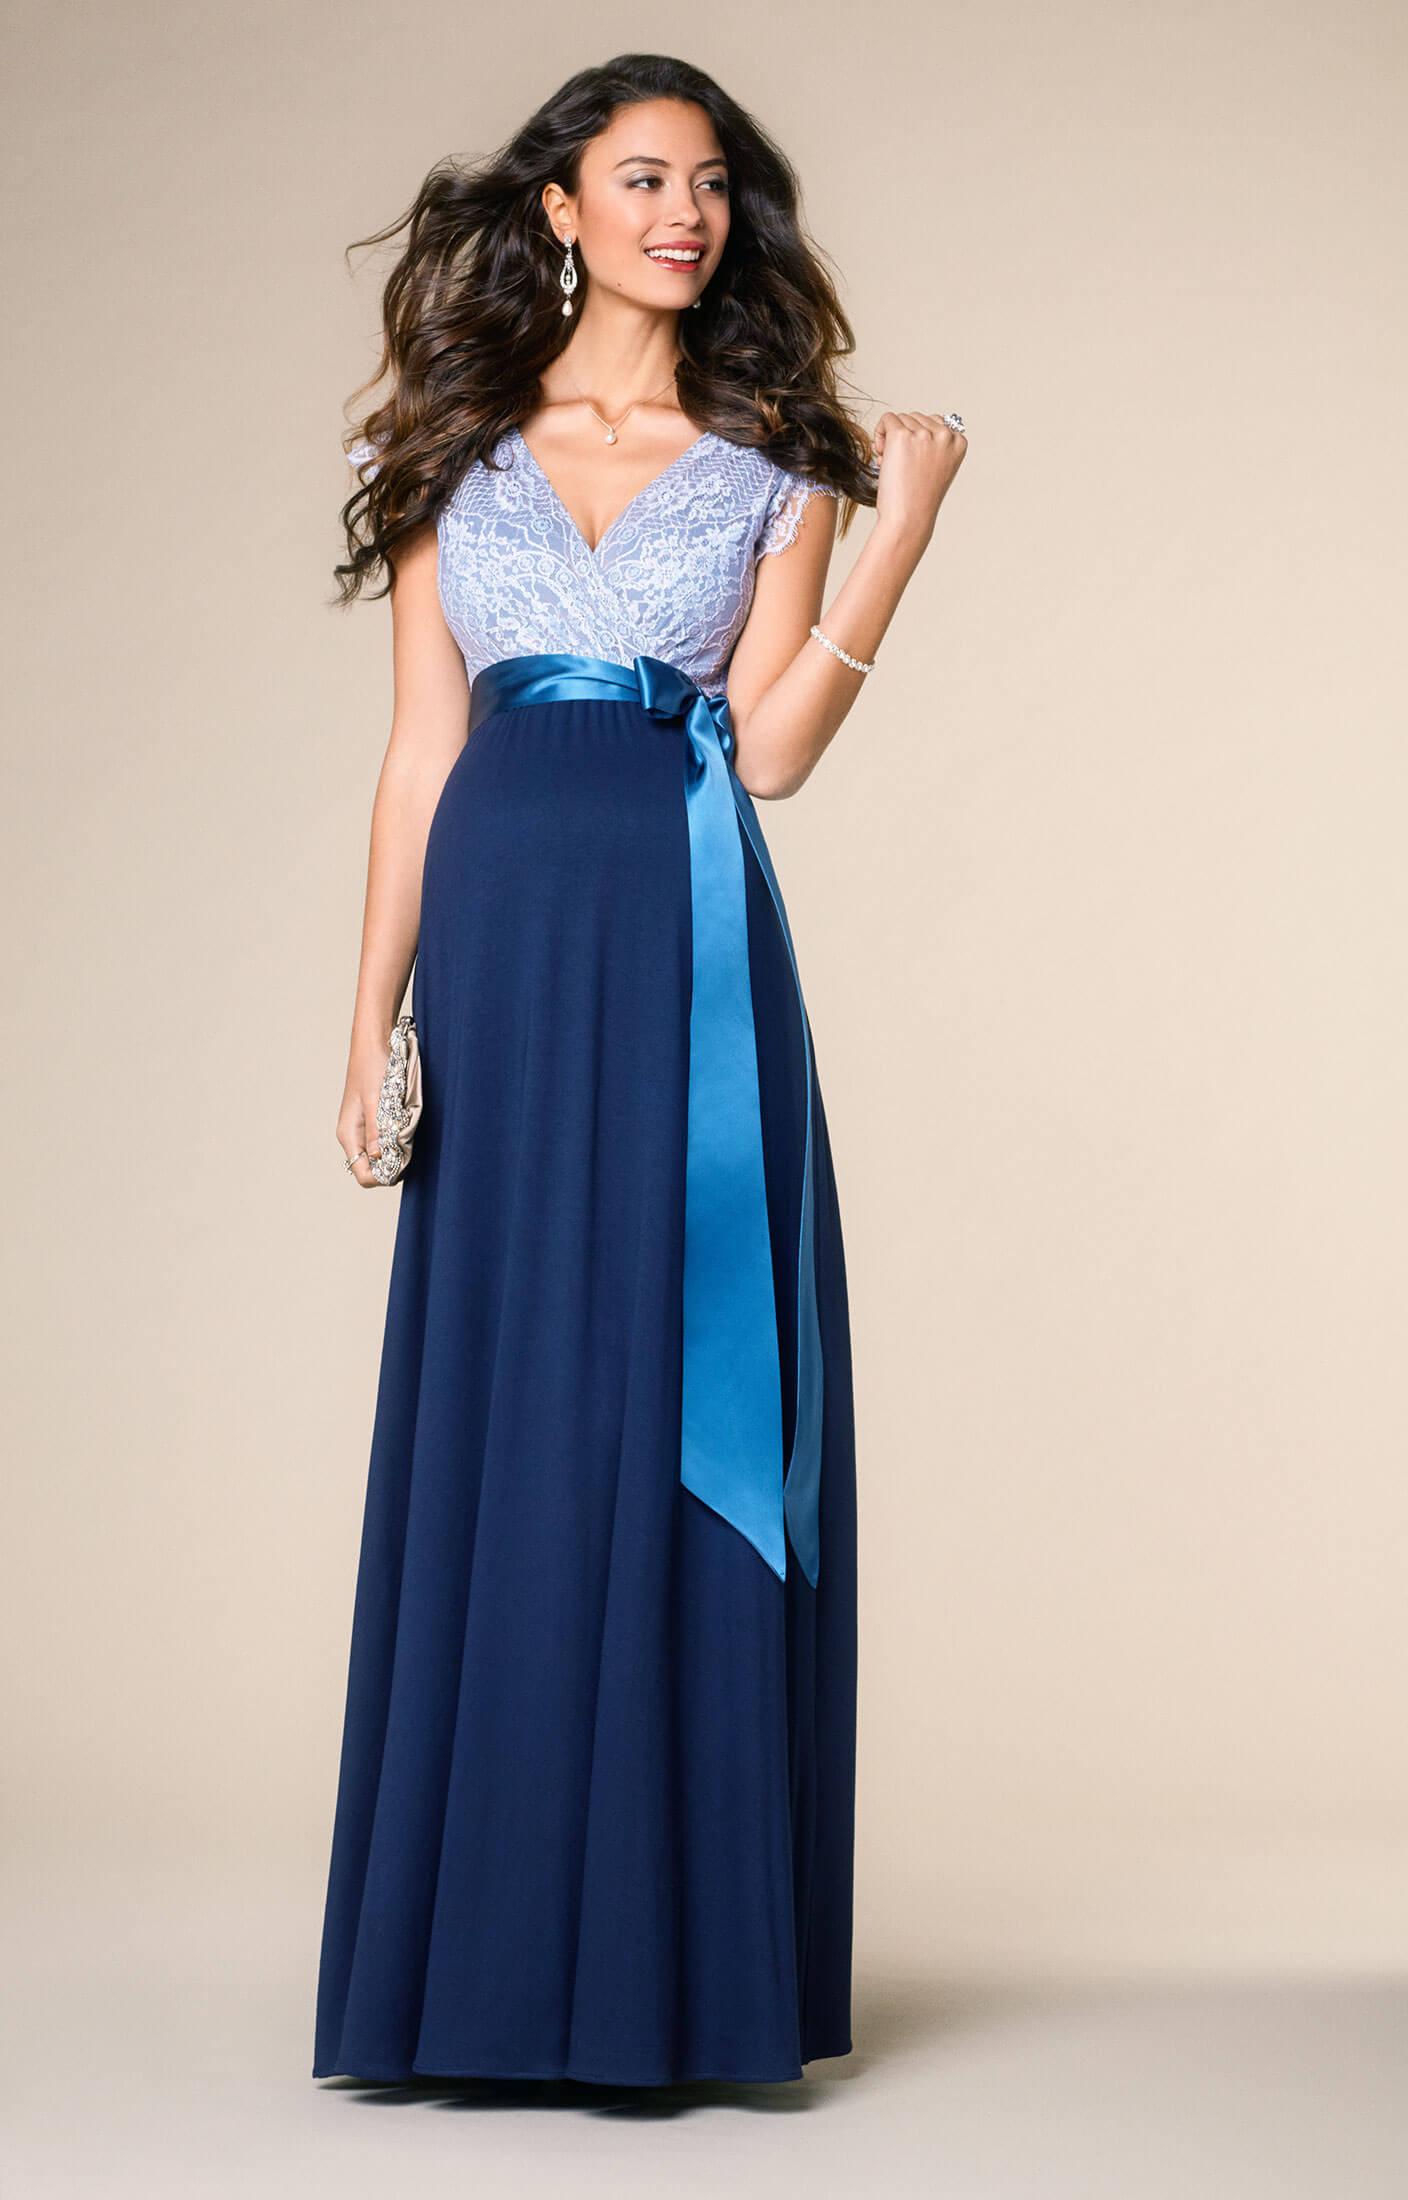 13 Wunderbar Abendkleid Lang Blau Boutique20 Genial Abendkleid Lang Blau Ärmel